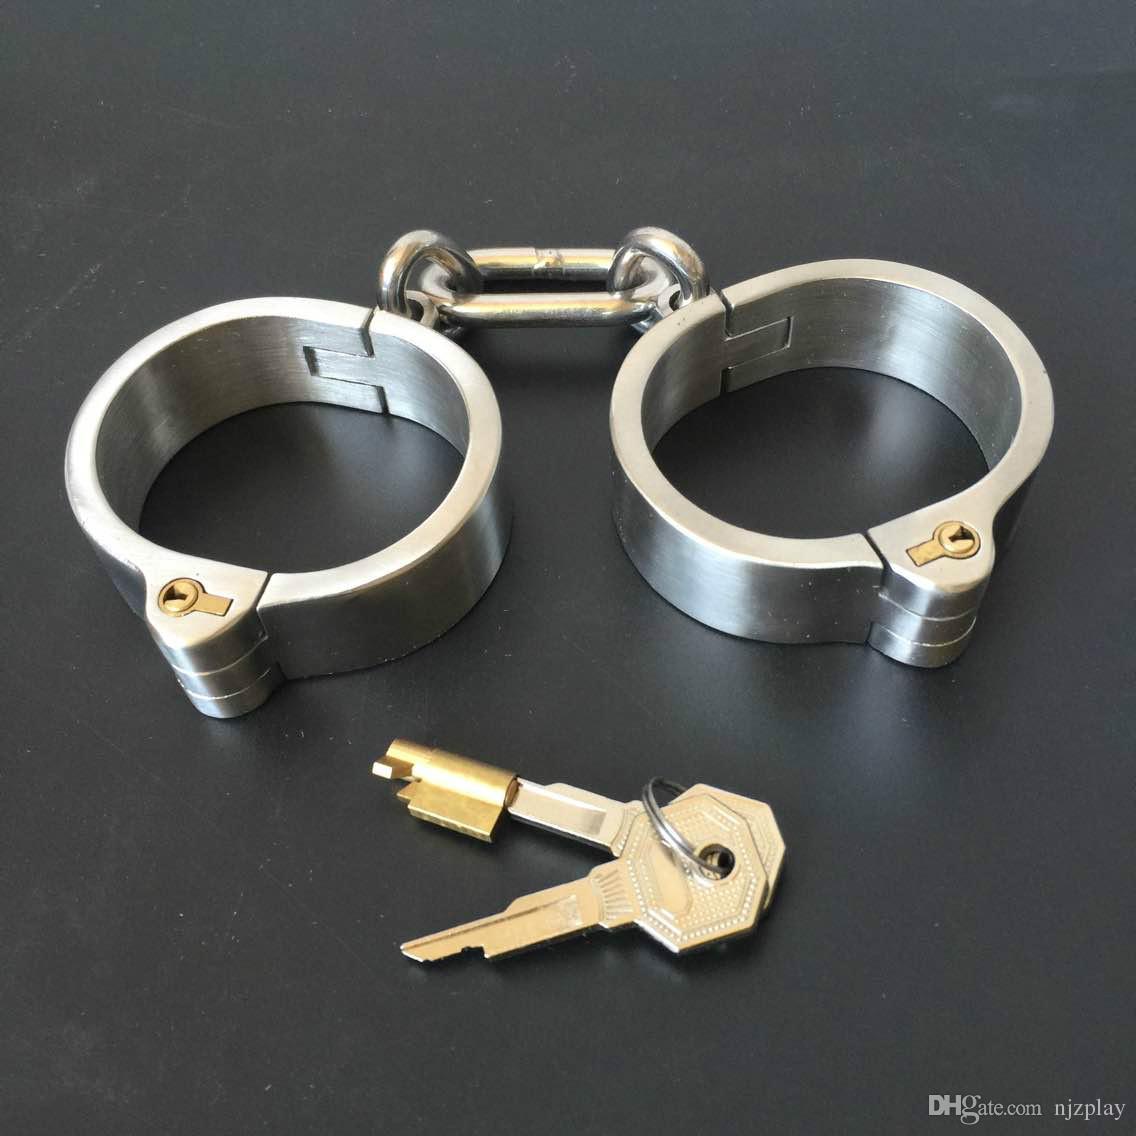 Unisex acciaio inox acciaio inox handcurffs caviglia polsini colletto Bondage Gear BDSM Giocattoli e giocattoli del sesso